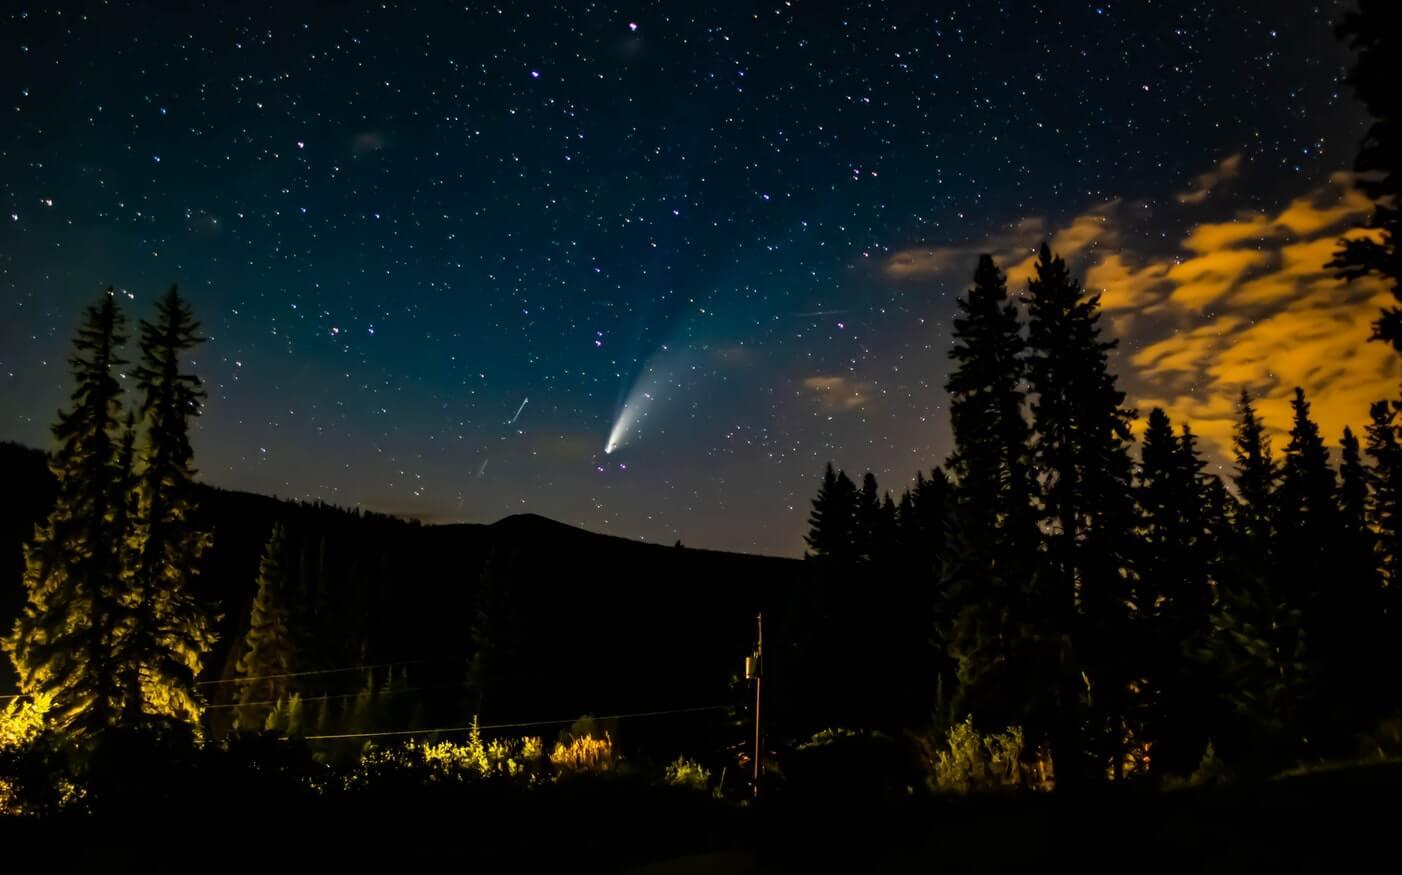 Stella cometa di Betlemme - Scia di una cometa di notte